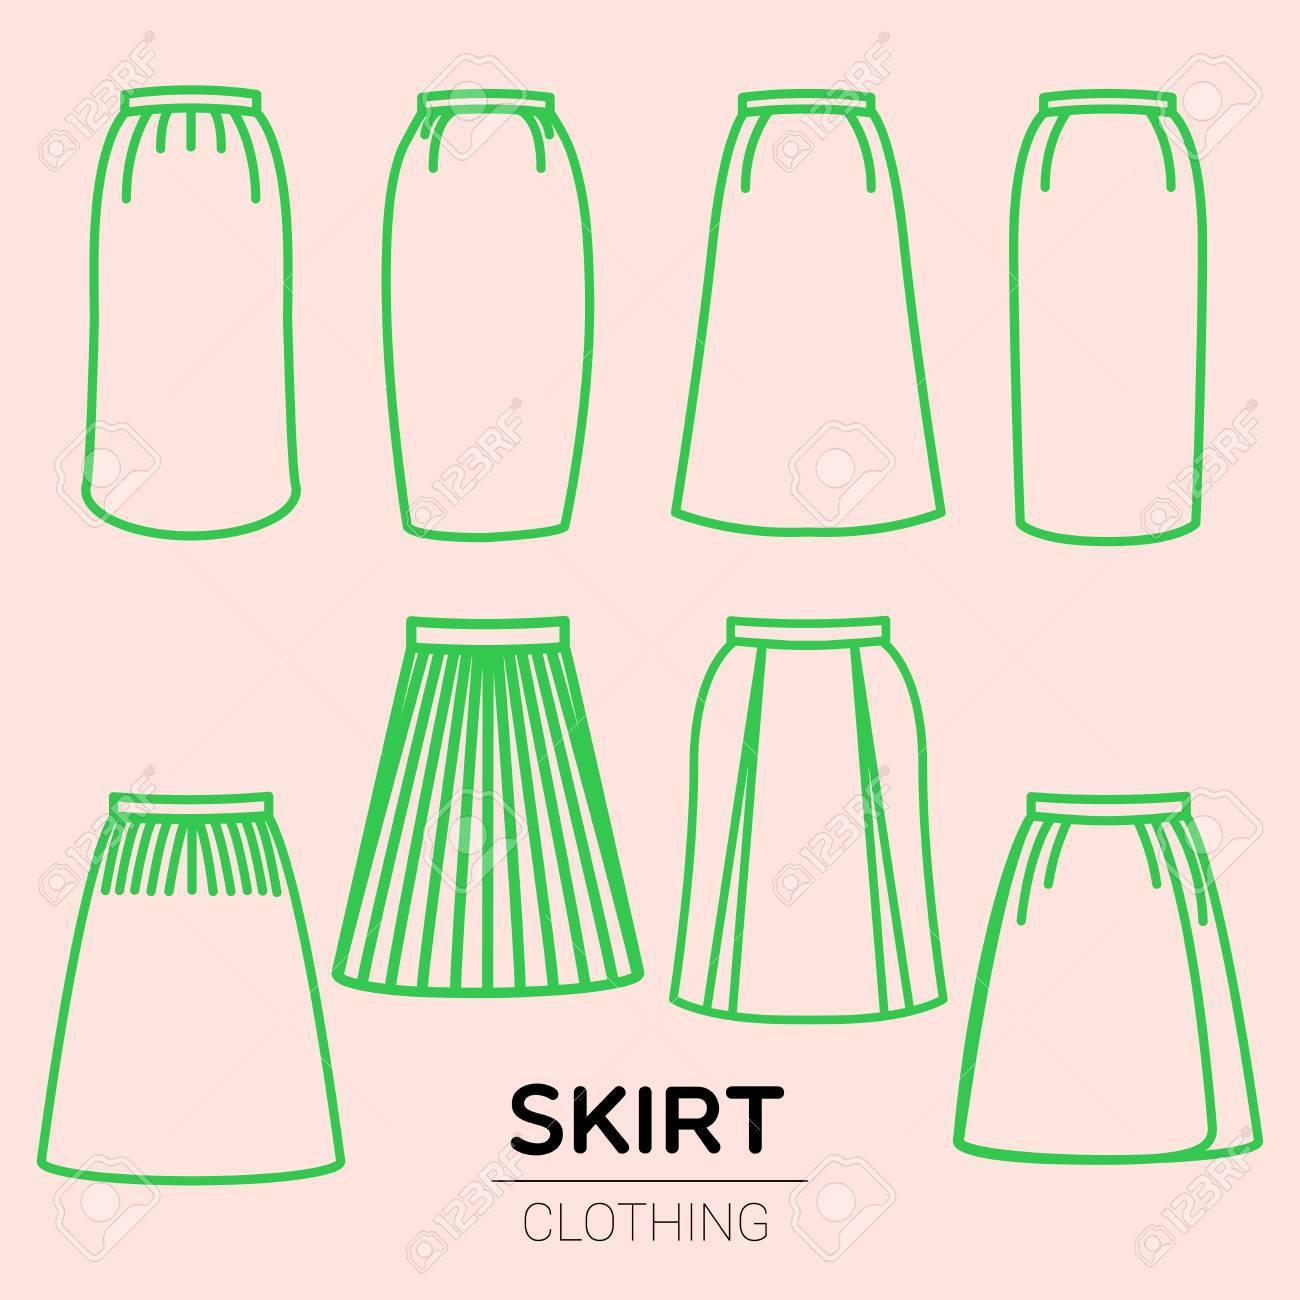 2d724ae4b Las colecciones de faldas simples clásicas estándar se ilustran en dibujo  lineal simple. muchos tipos de estilos faldas para las mujeres.